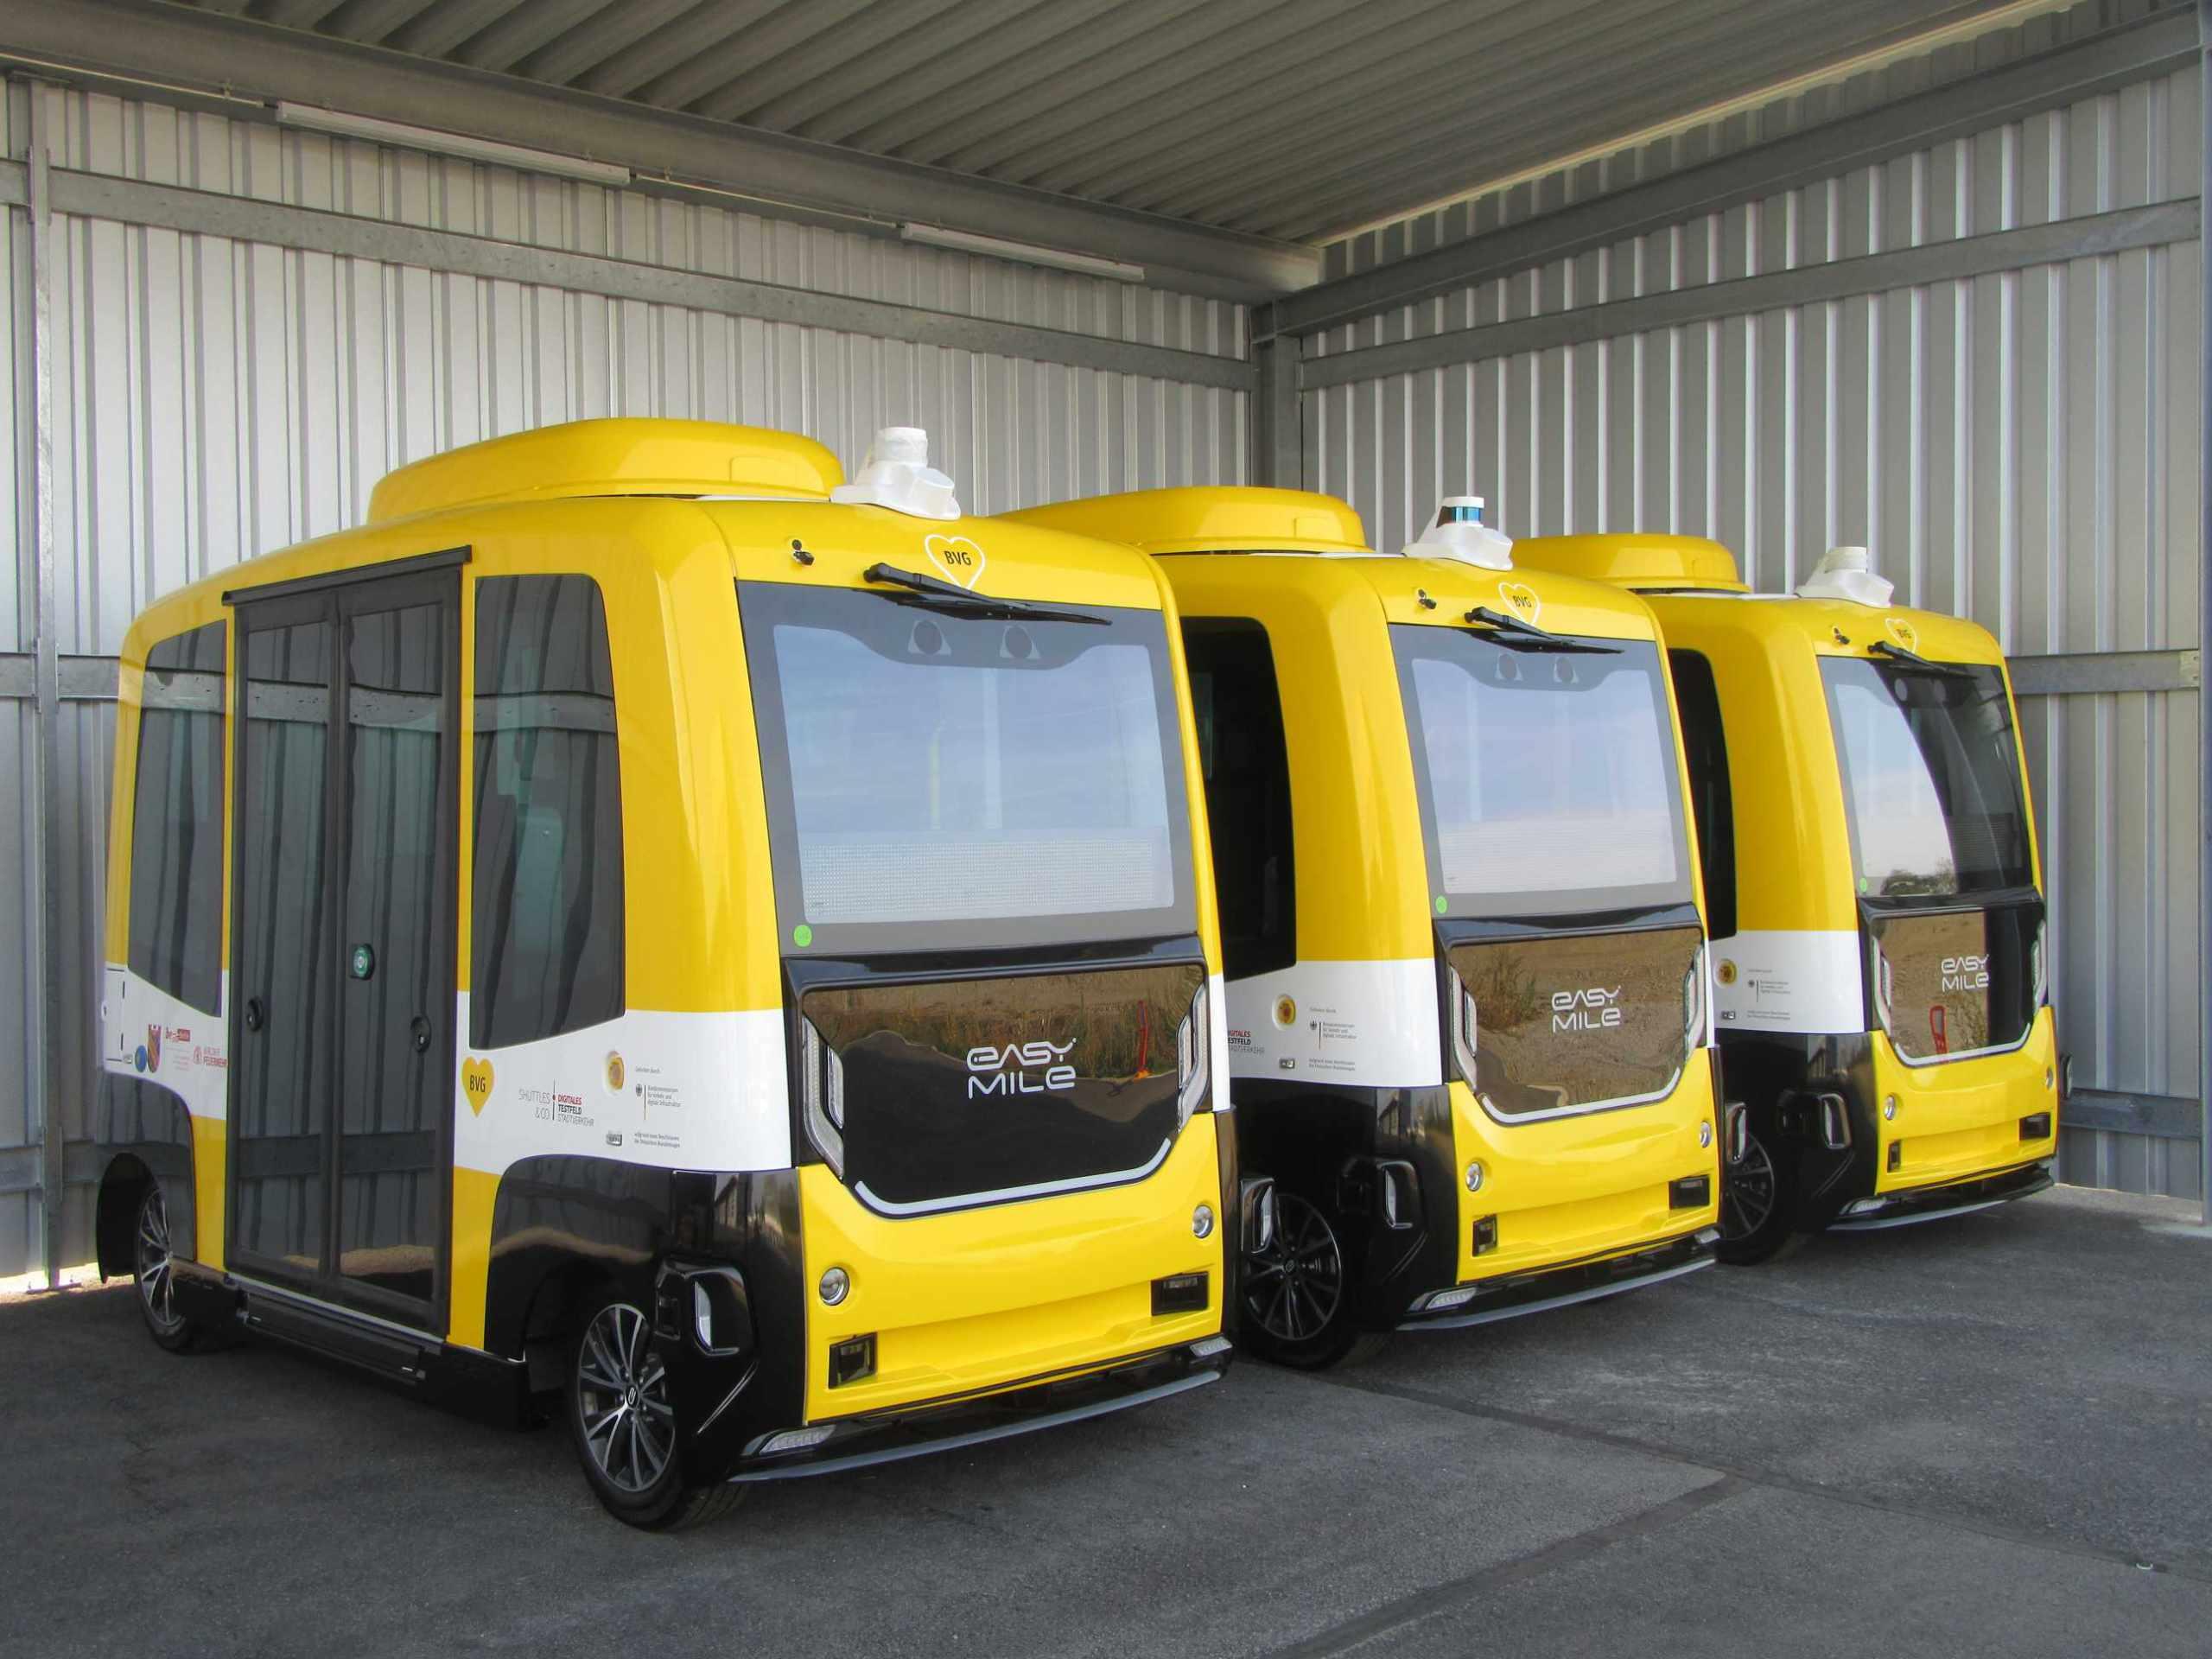 Shuttles at DEKRA in Klettwitz